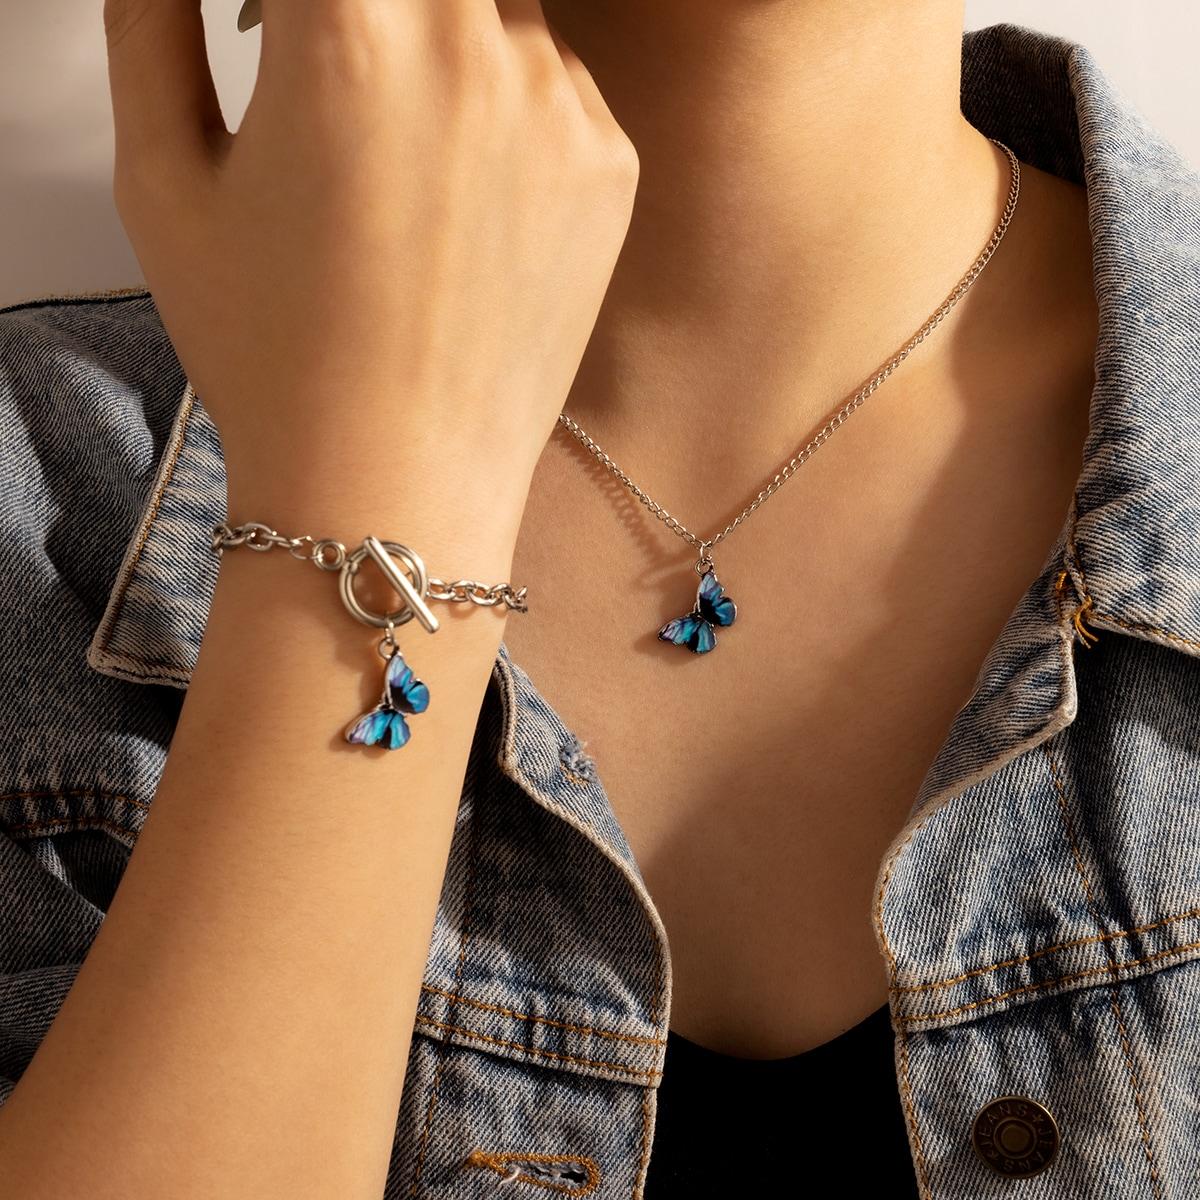 1 Stück Halskette mit Schmetterling Anhänger & 1 Stück Armband